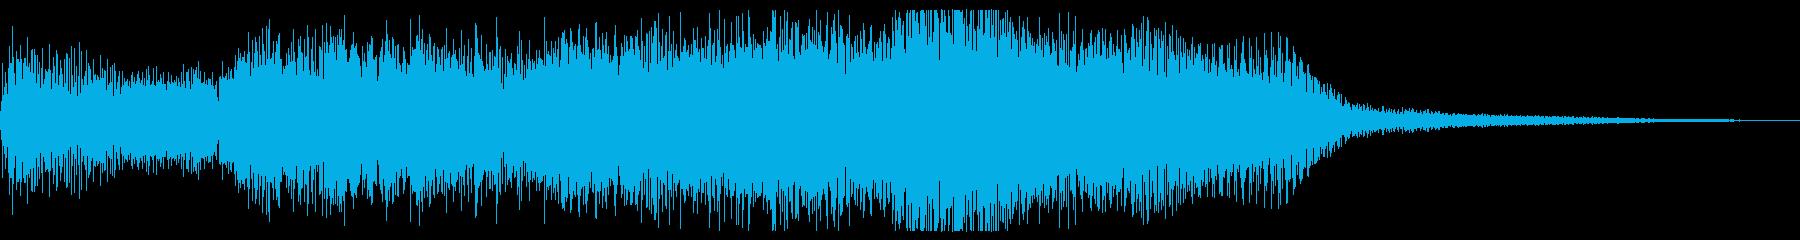 暗いファンタジー、魔法的なジングルの再生済みの波形